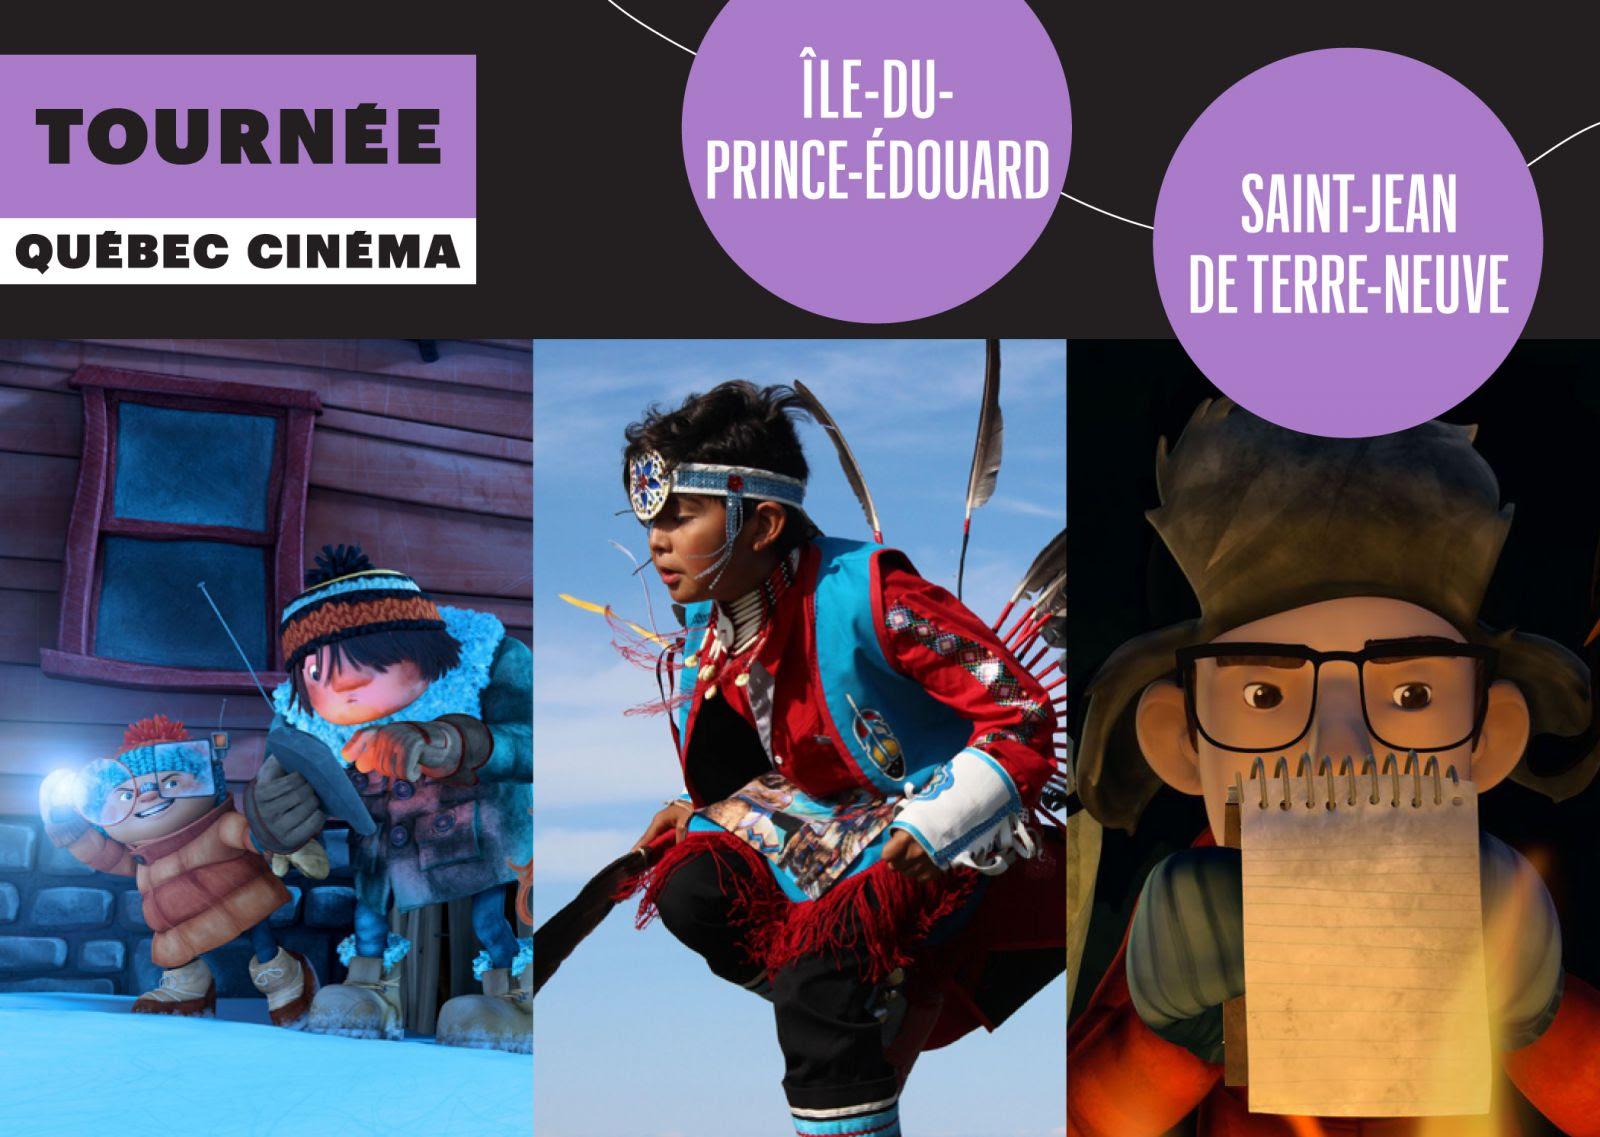 La Tournée Québec Cinéma : prochain arrêt, des provinces de l'Atlantique !